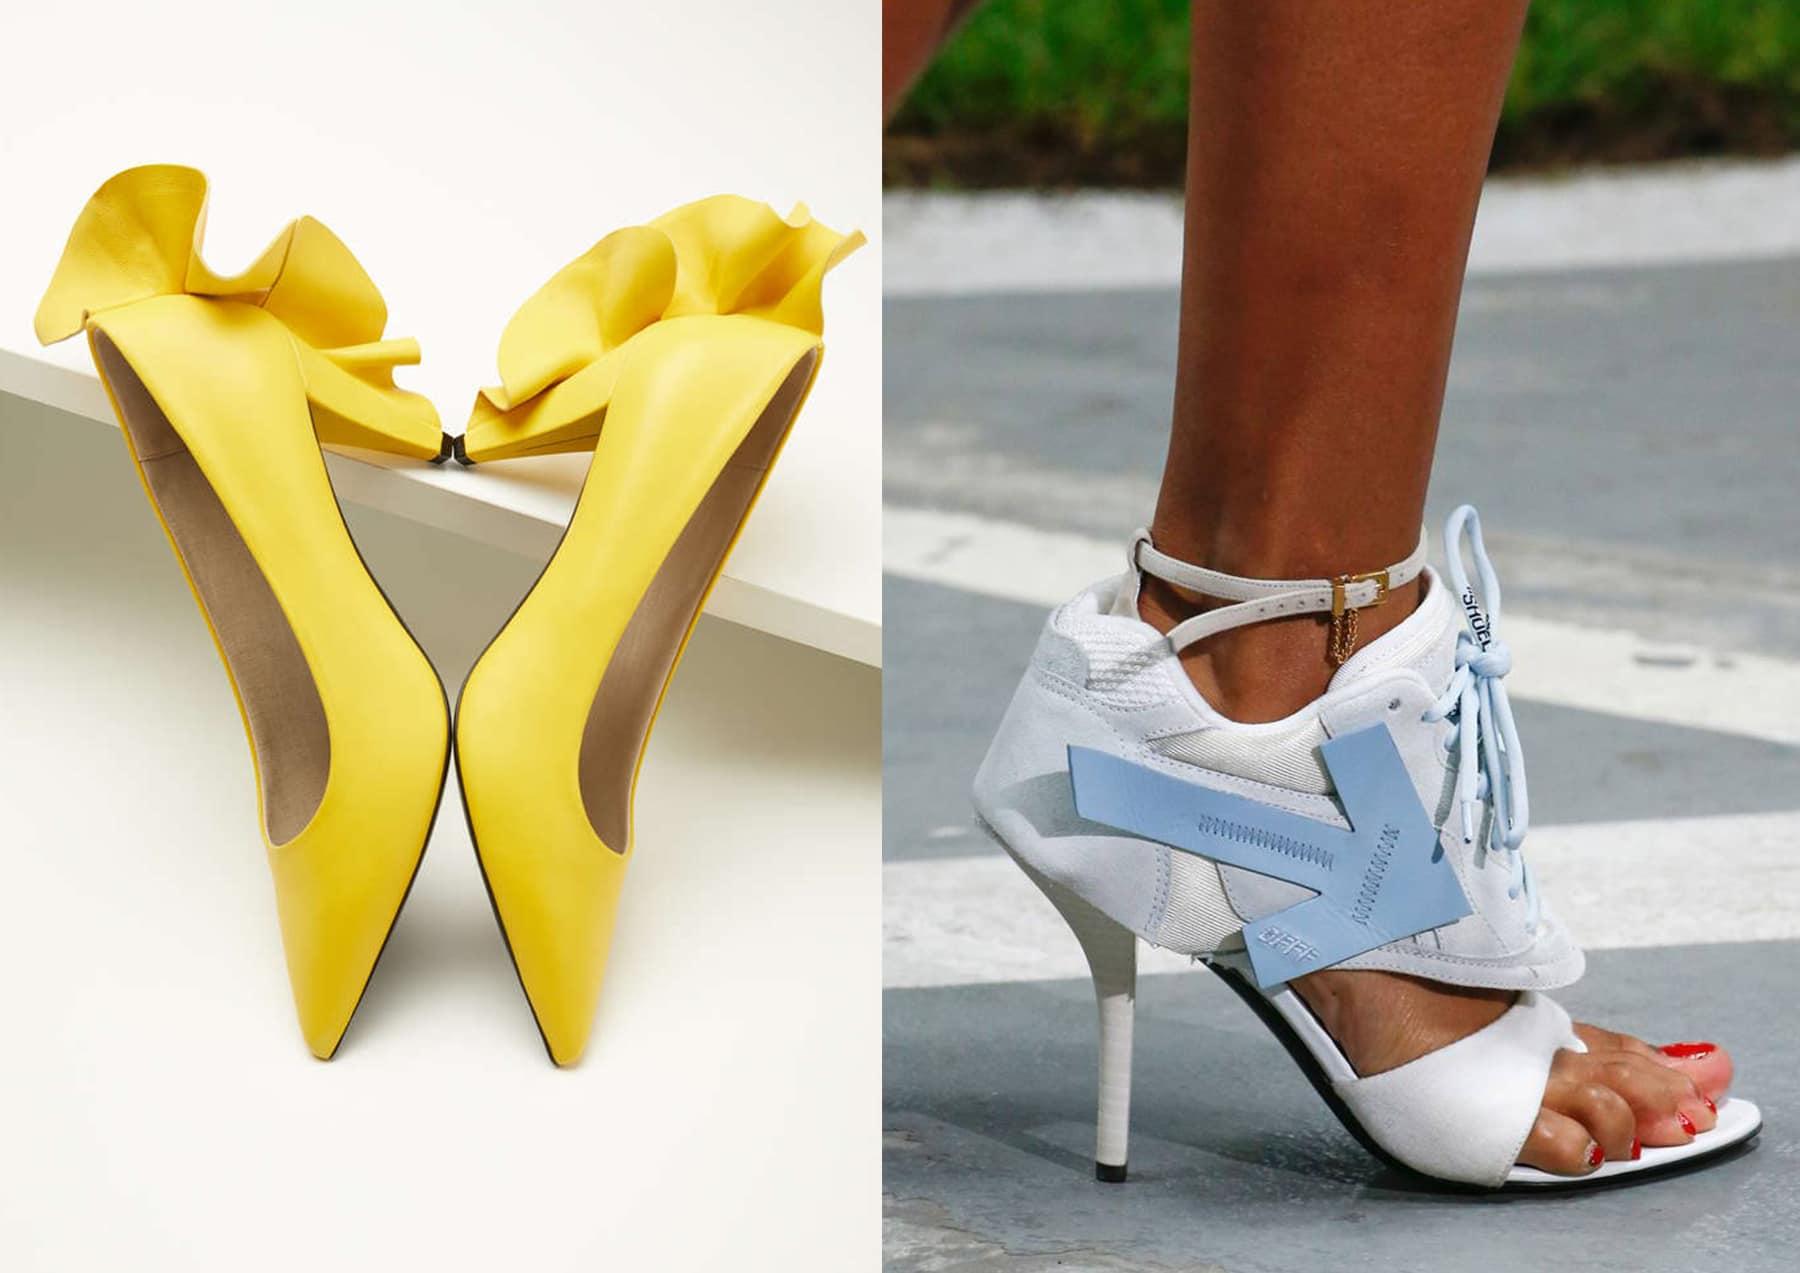 Yellow flounced heels and Sneaker heels